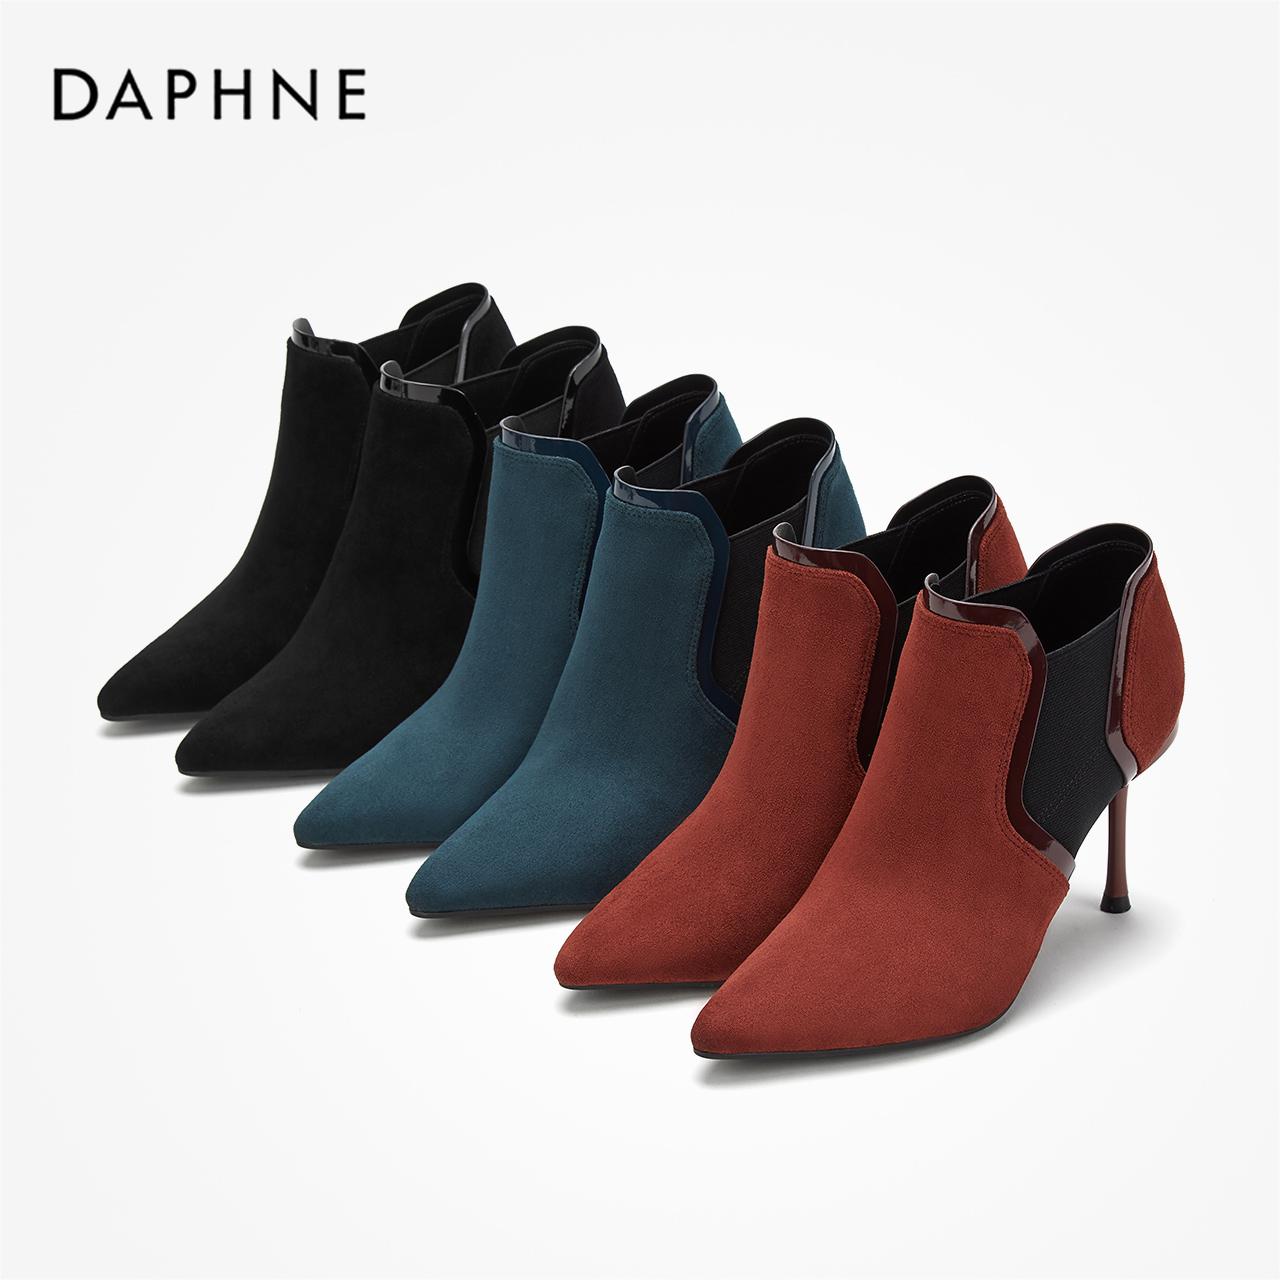 冬尖头时装靴高跟宴会靴绒面酒杯跟细跟及踝靴 2019 达芙妮